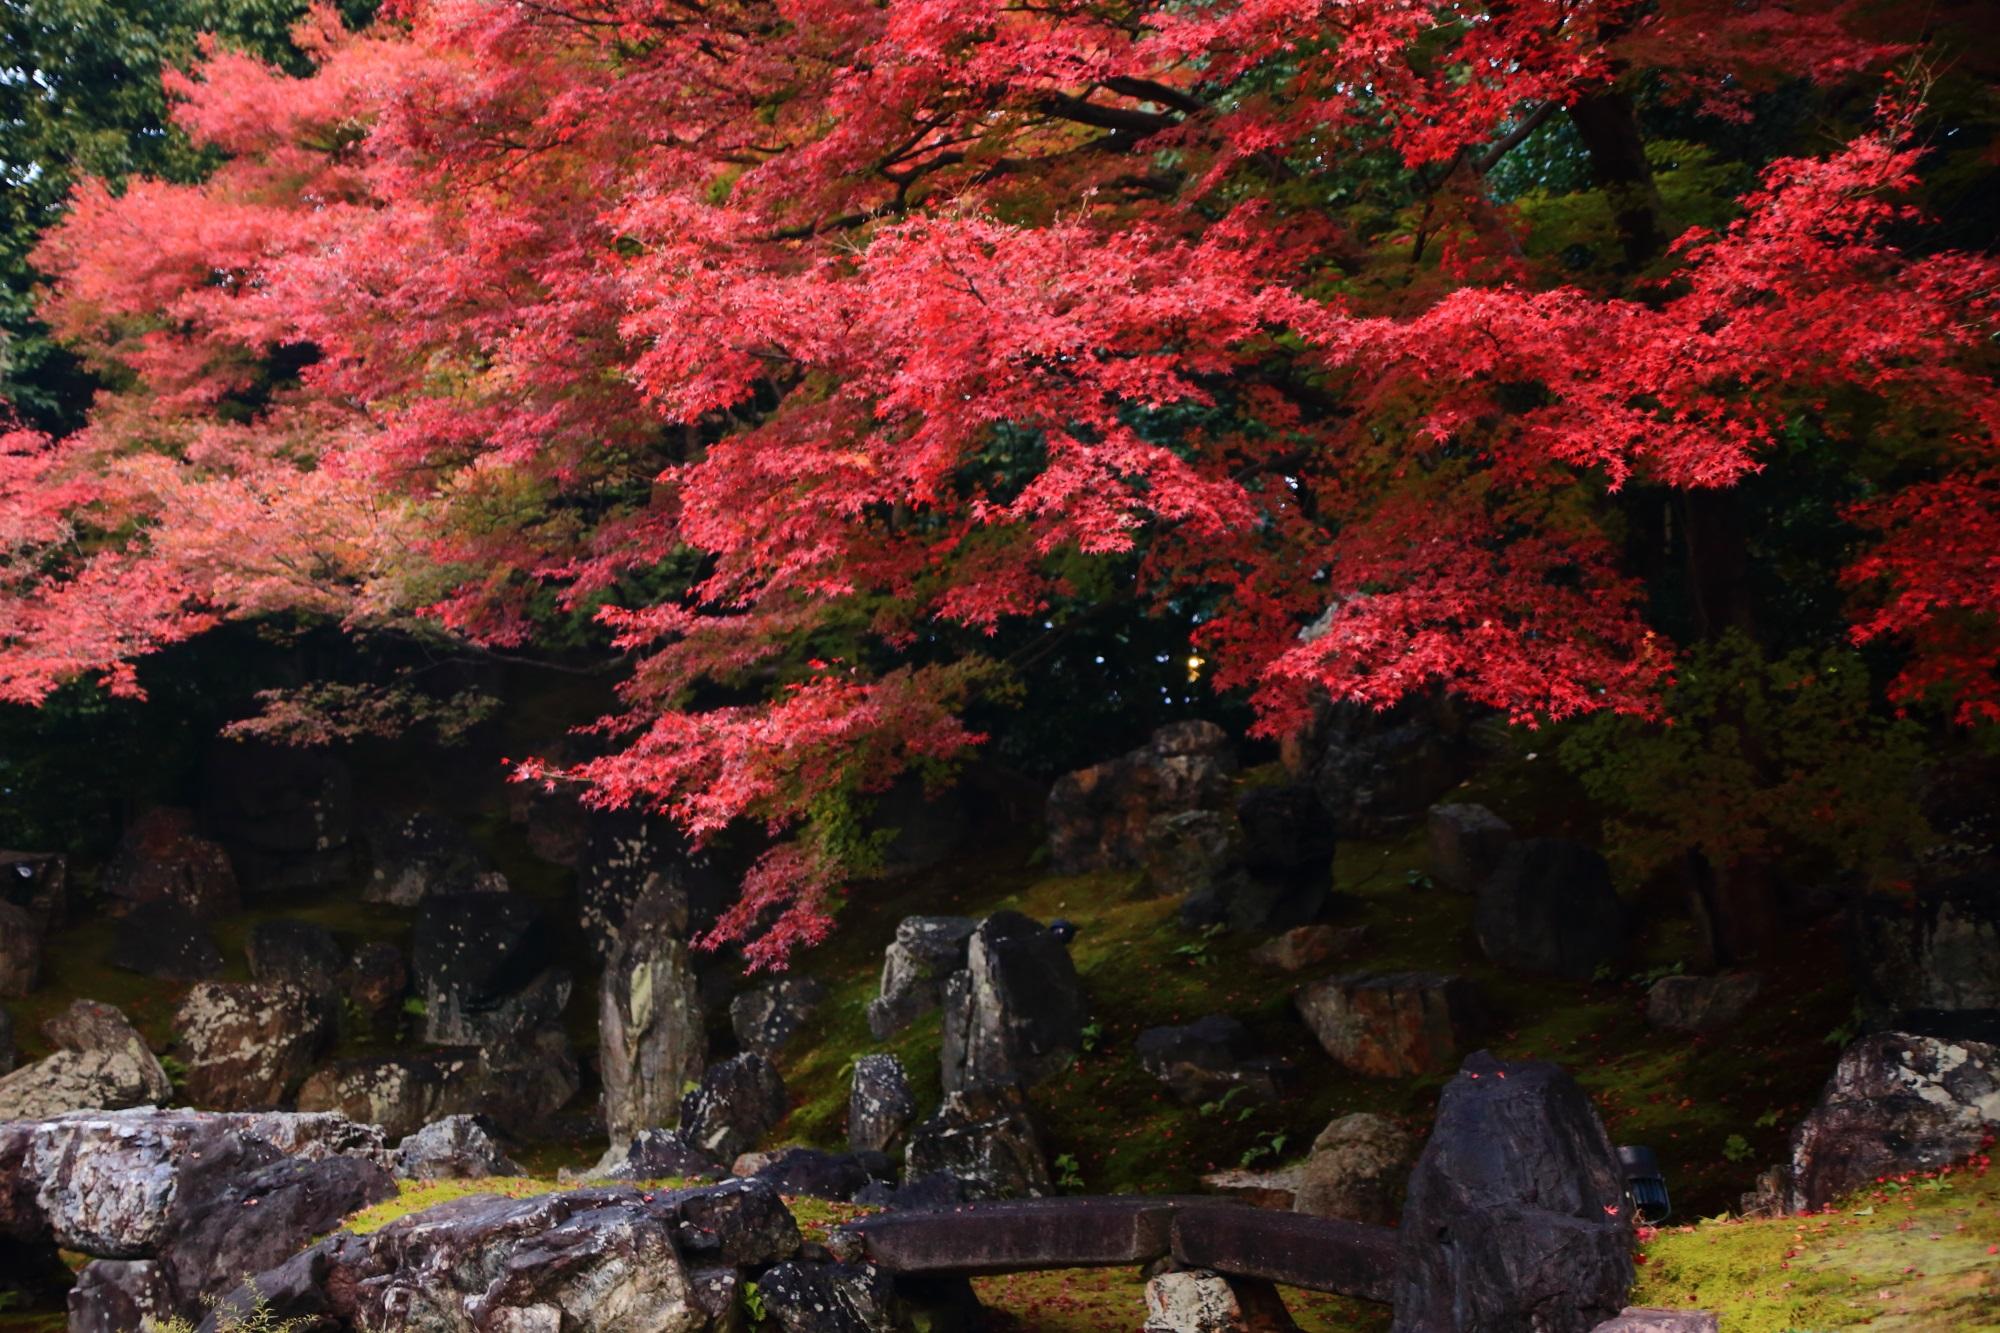 紅葉の名所の高台寺圓徳院の北庭の岩と見ごろのもみじ